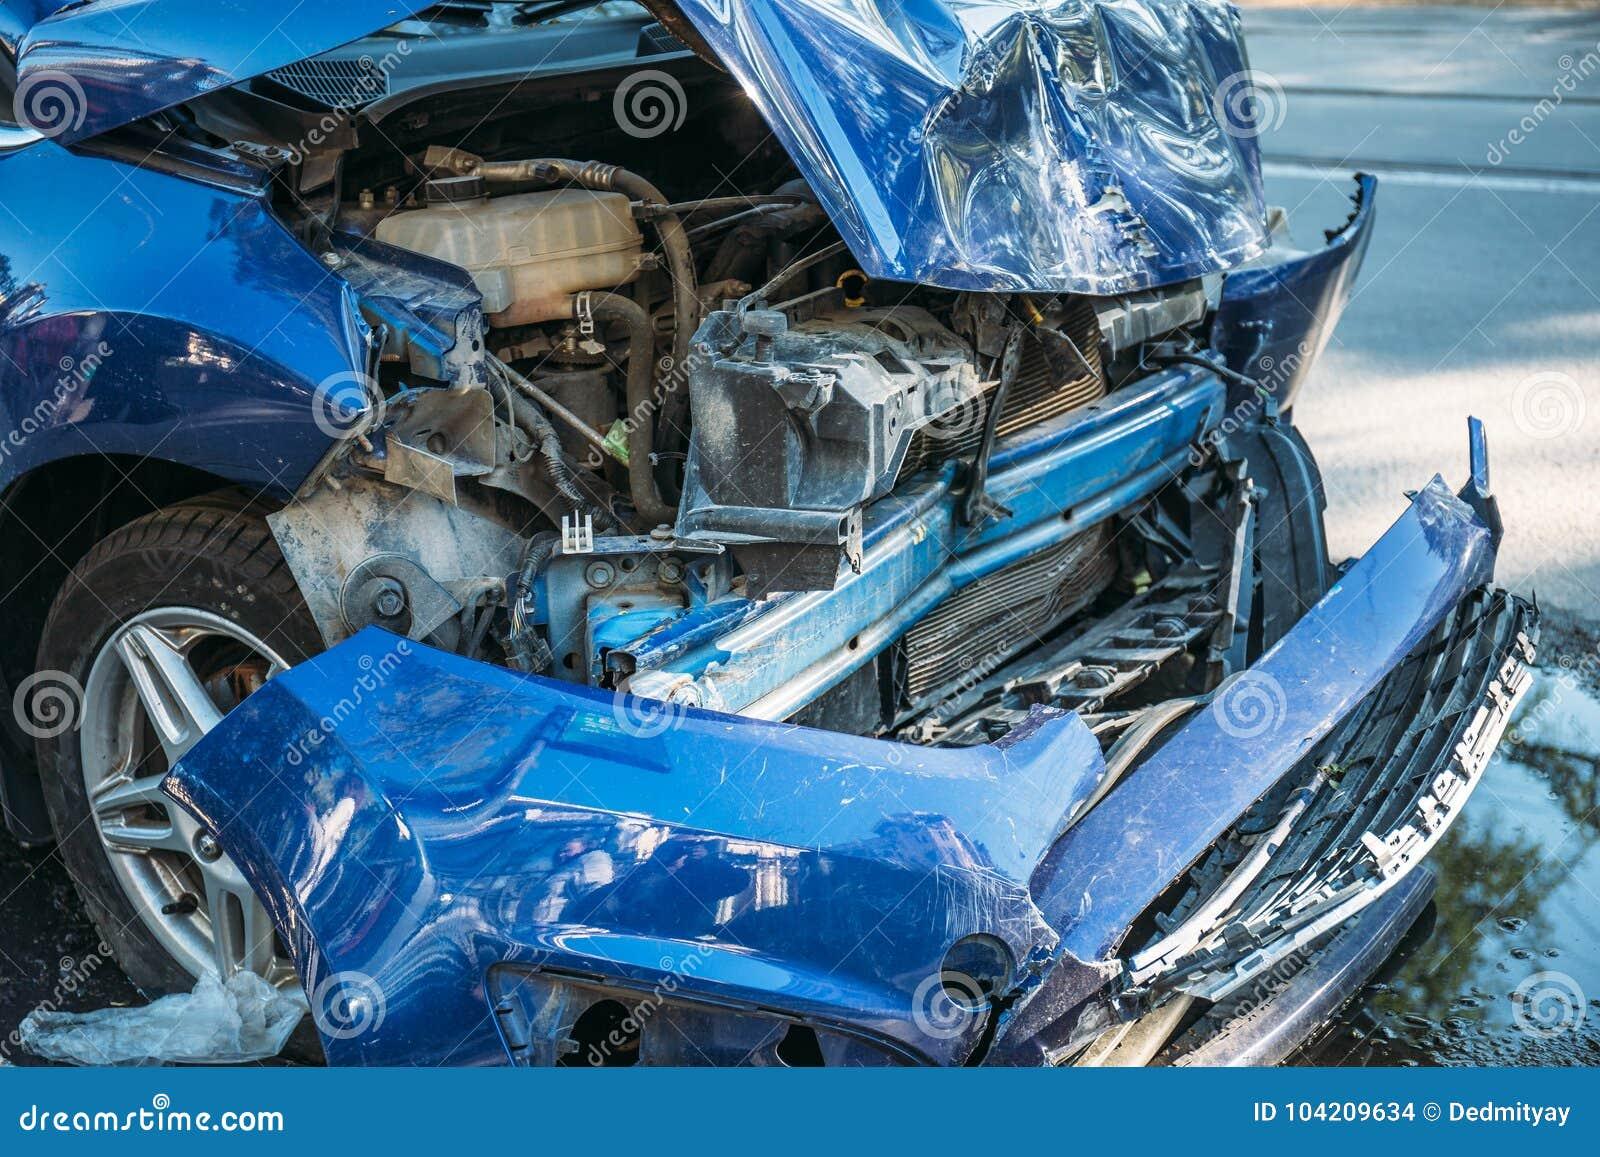 Autounfallunfall auf Stadtstraße, schädigendes Automobil, gebrochenes Fahrzeug gefährlich